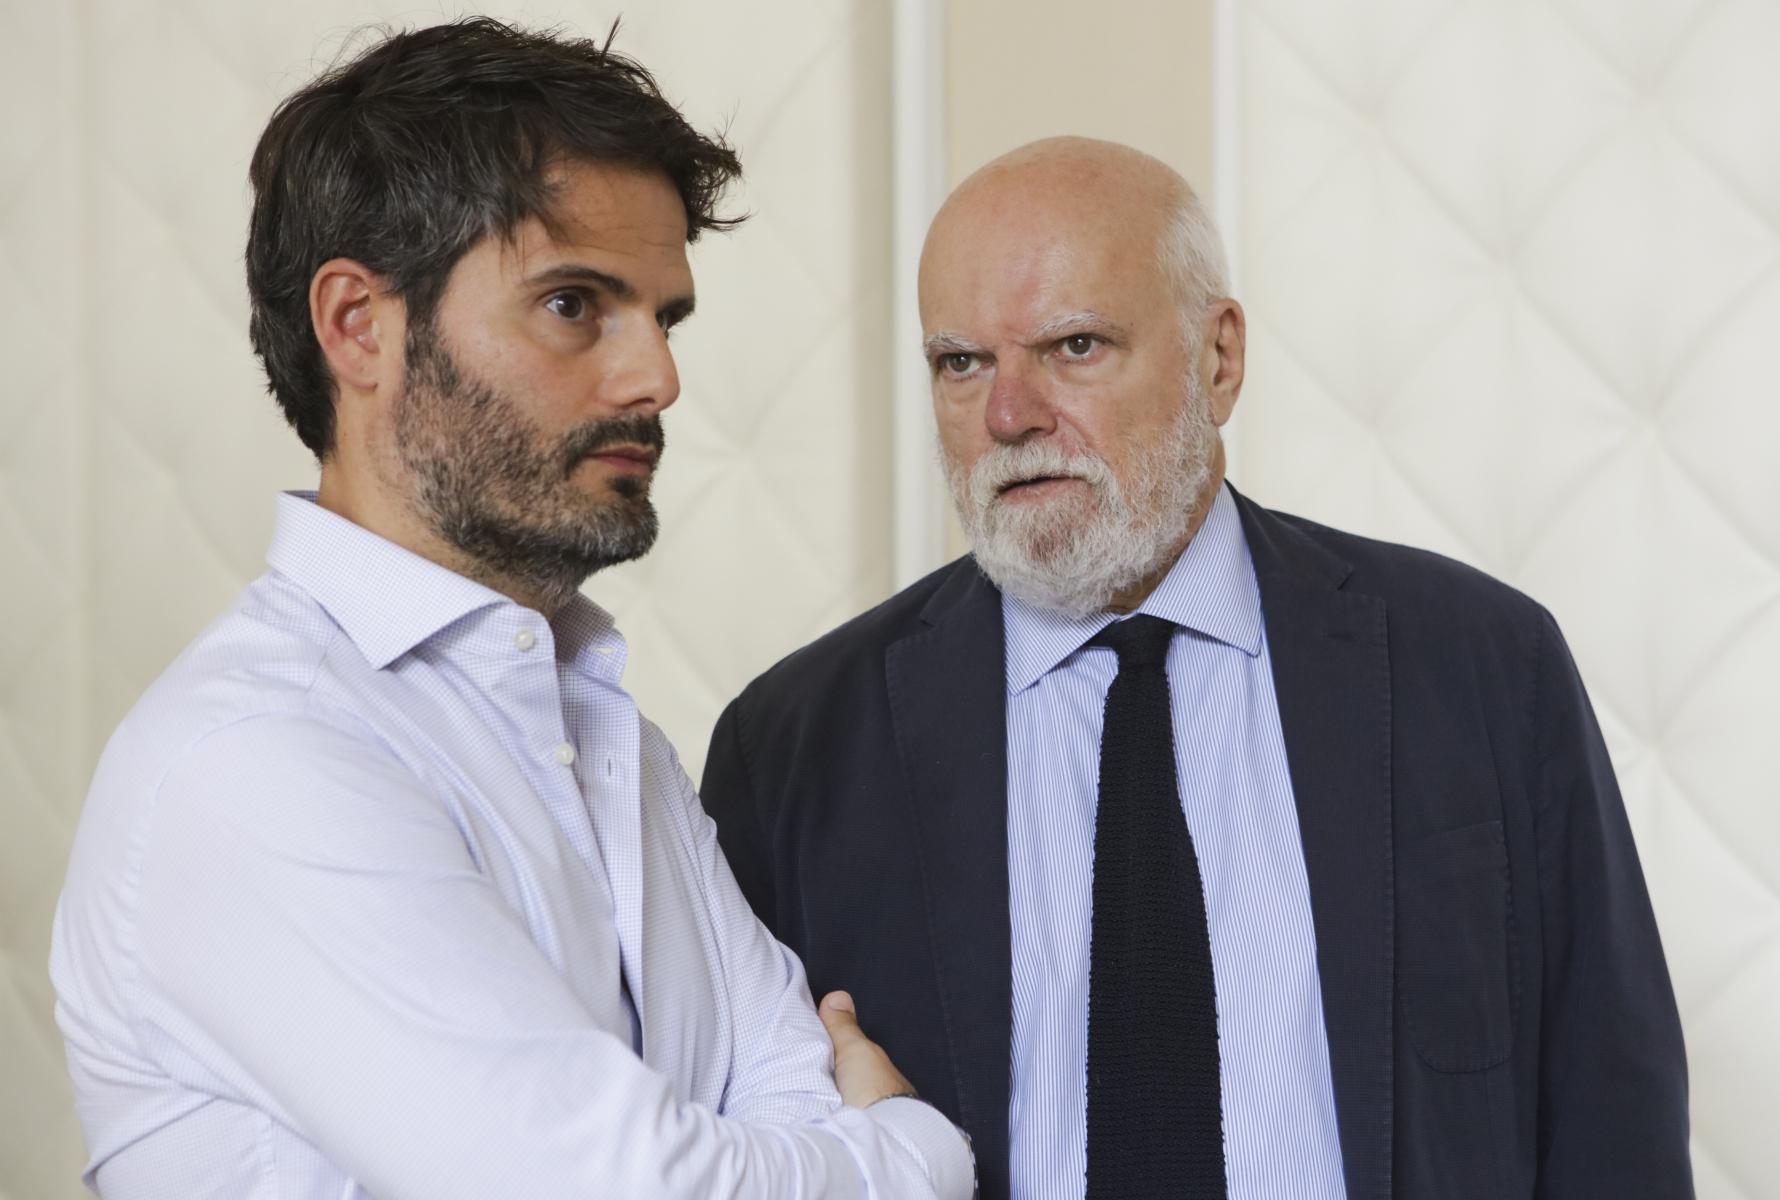 Sandro Lacidogna e Luciano Baratto